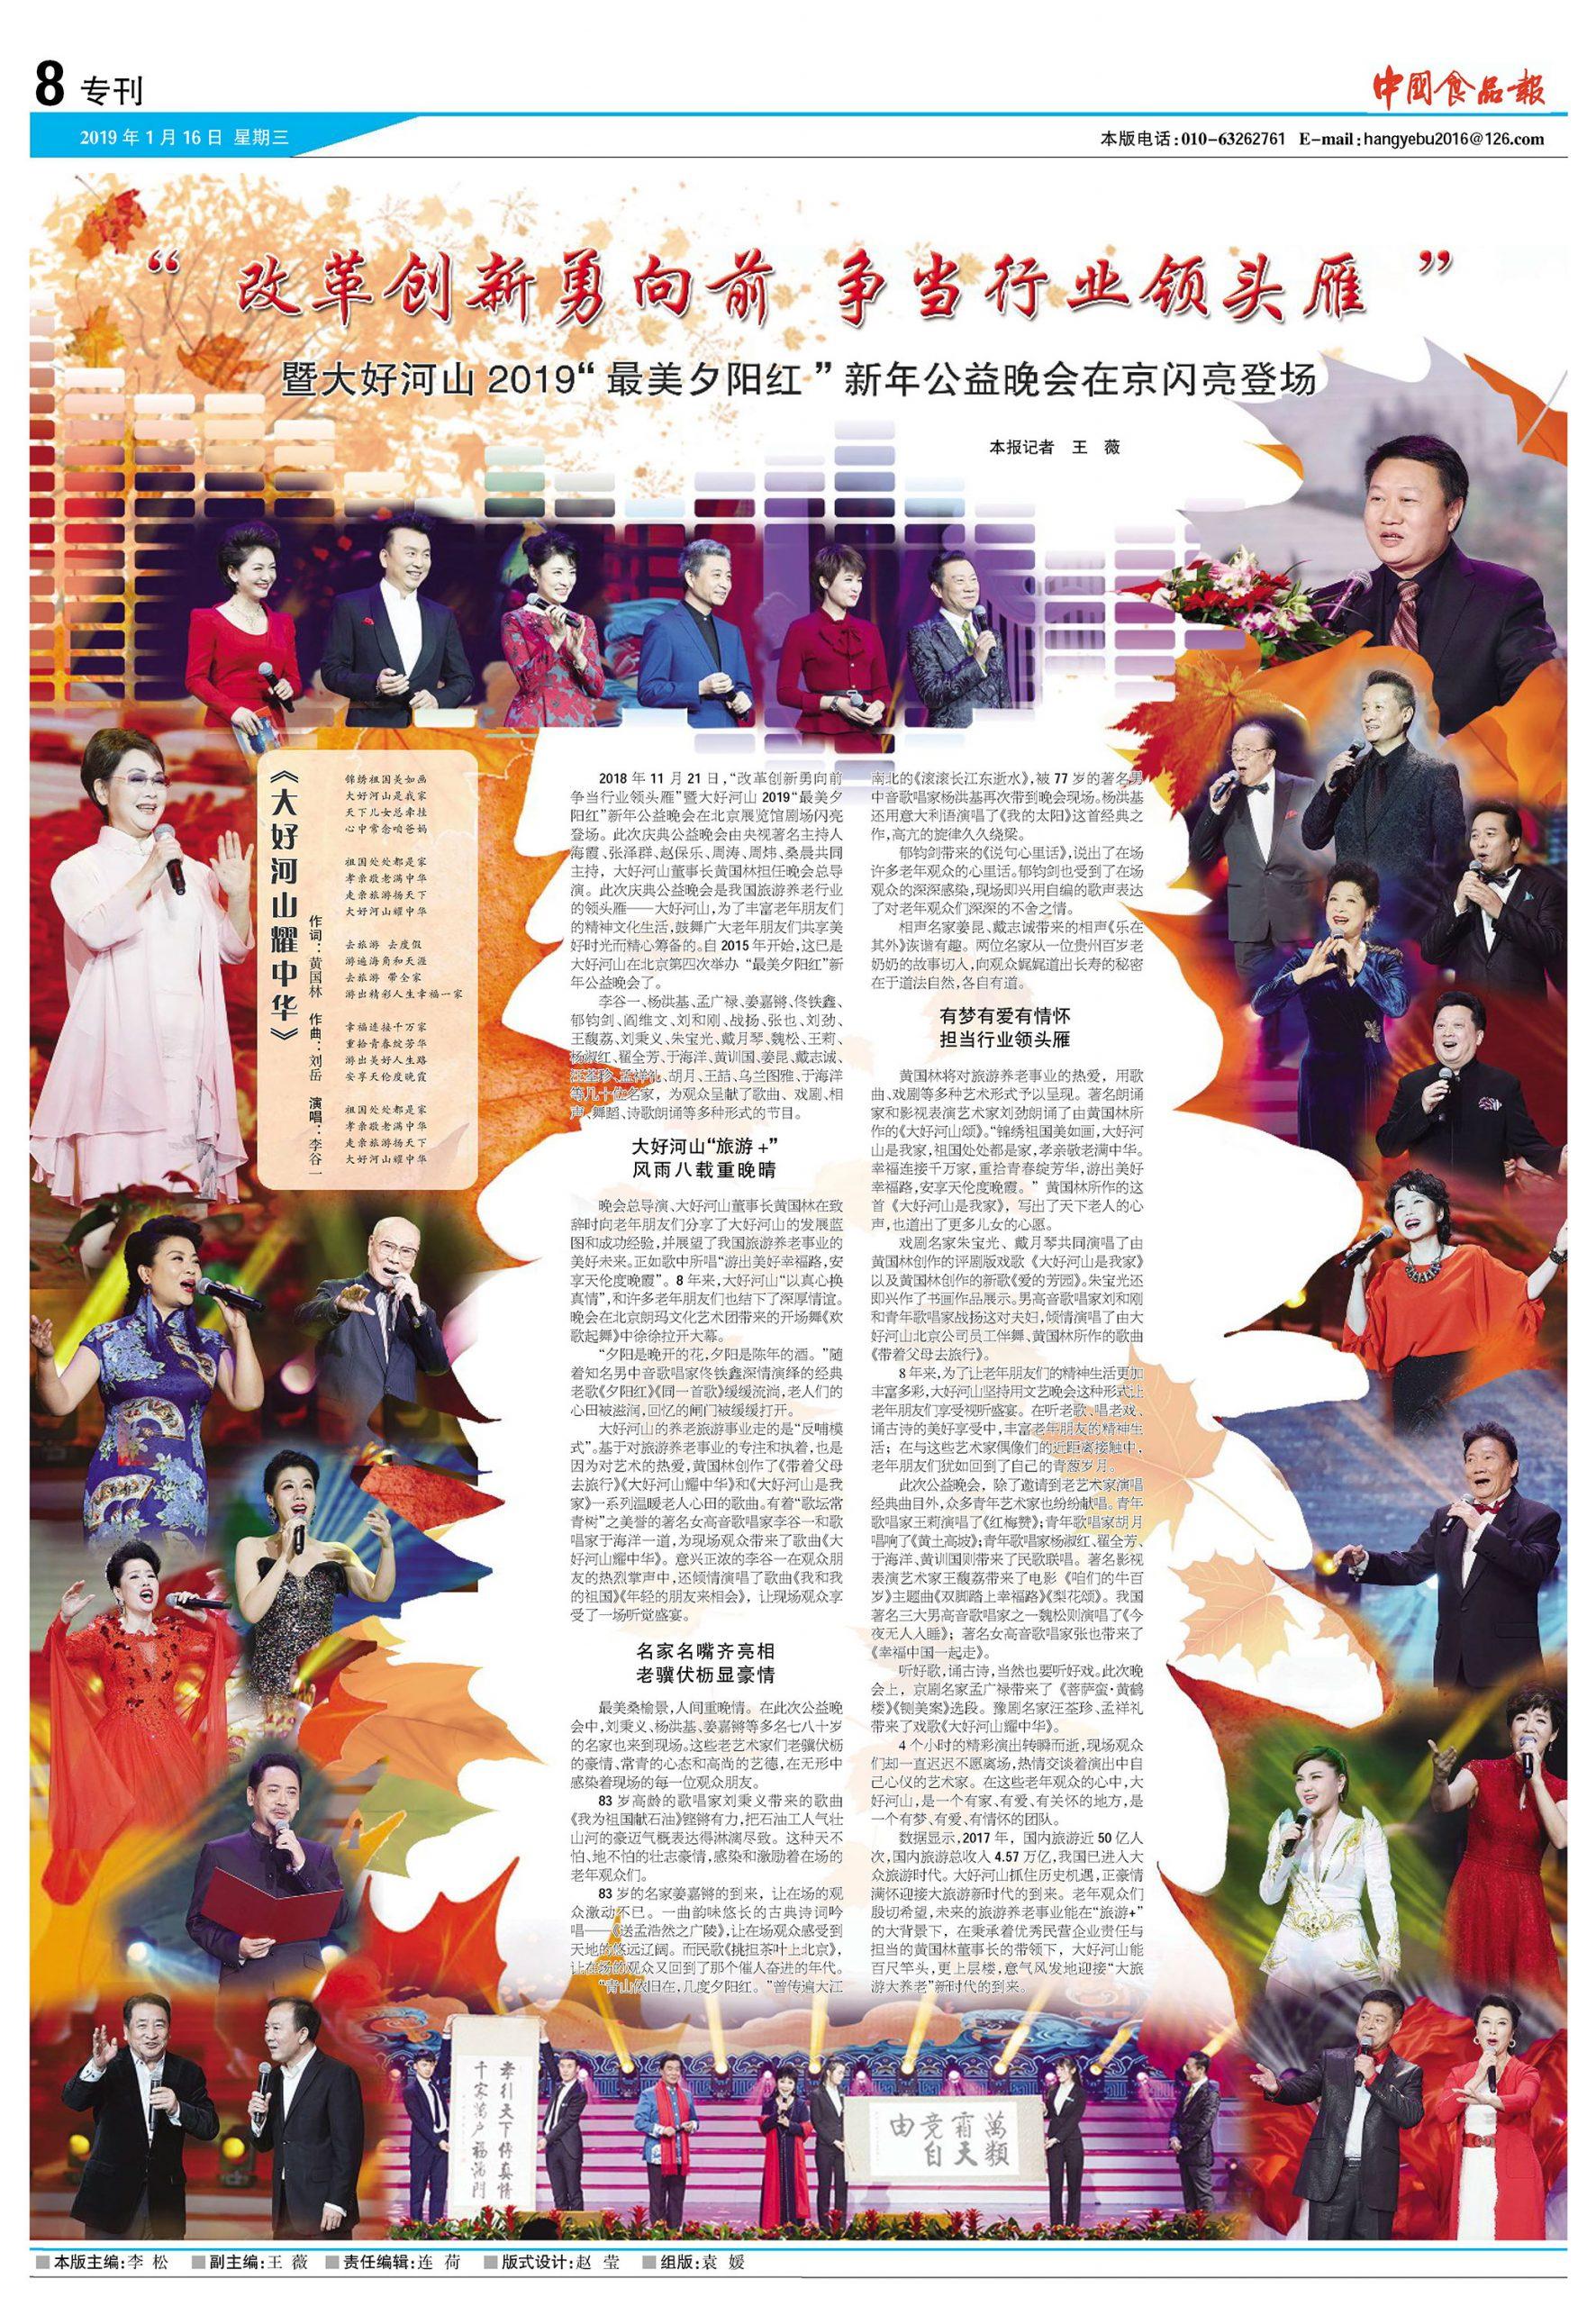 中国食品报 2019-01-16 专刊8